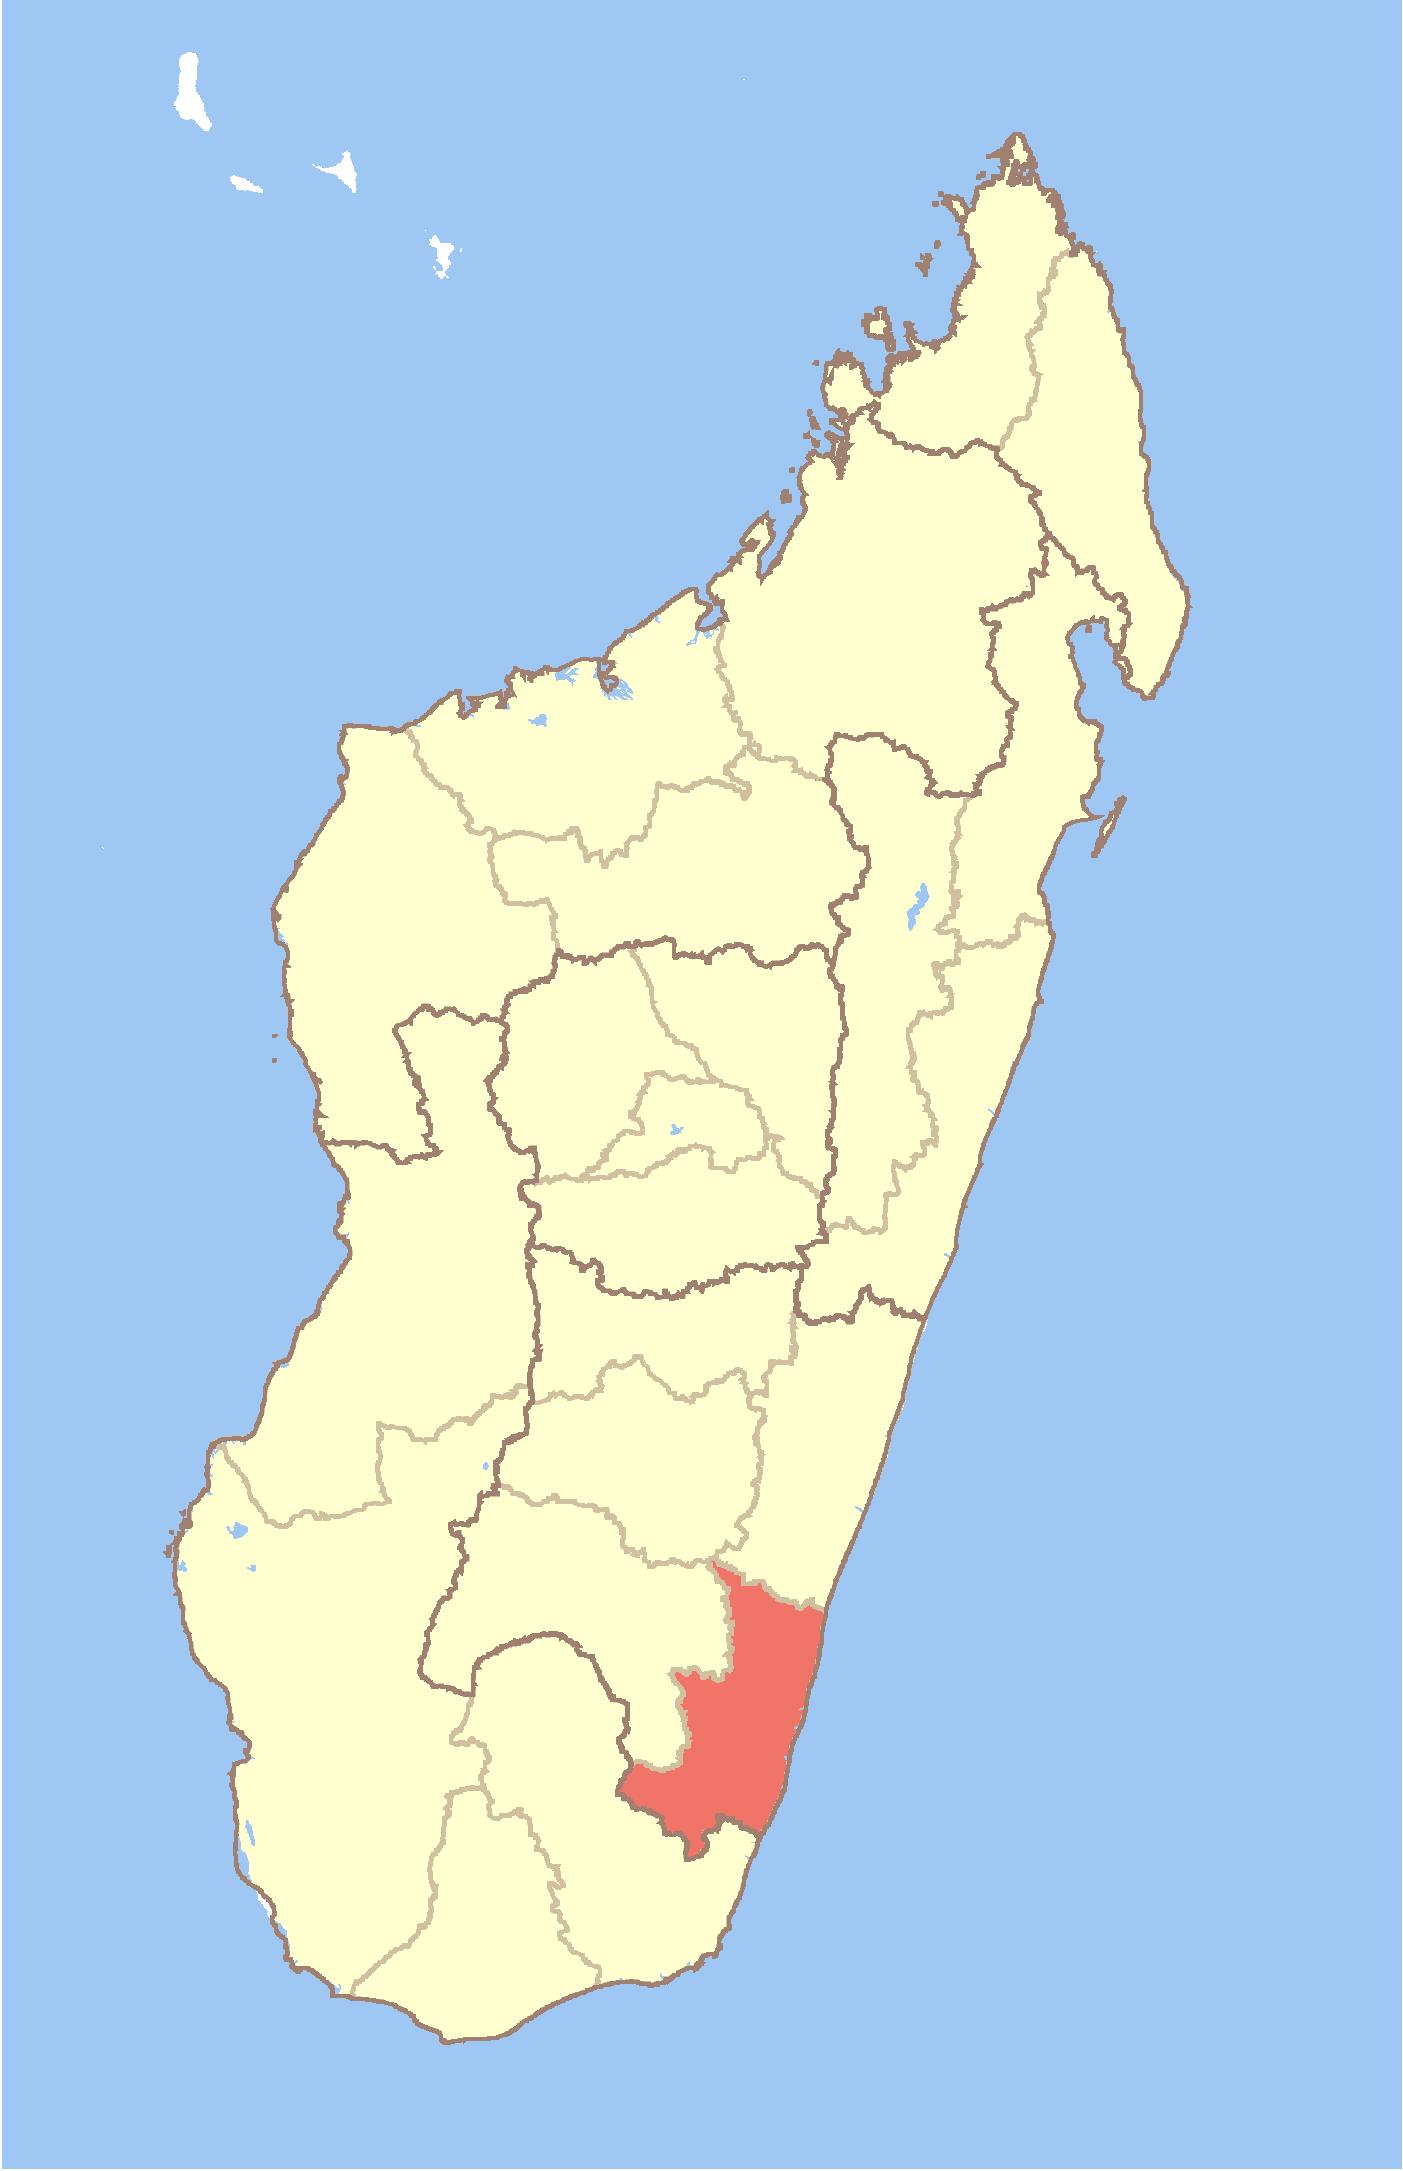 Atsimo Atsinanana Region of Madagascar